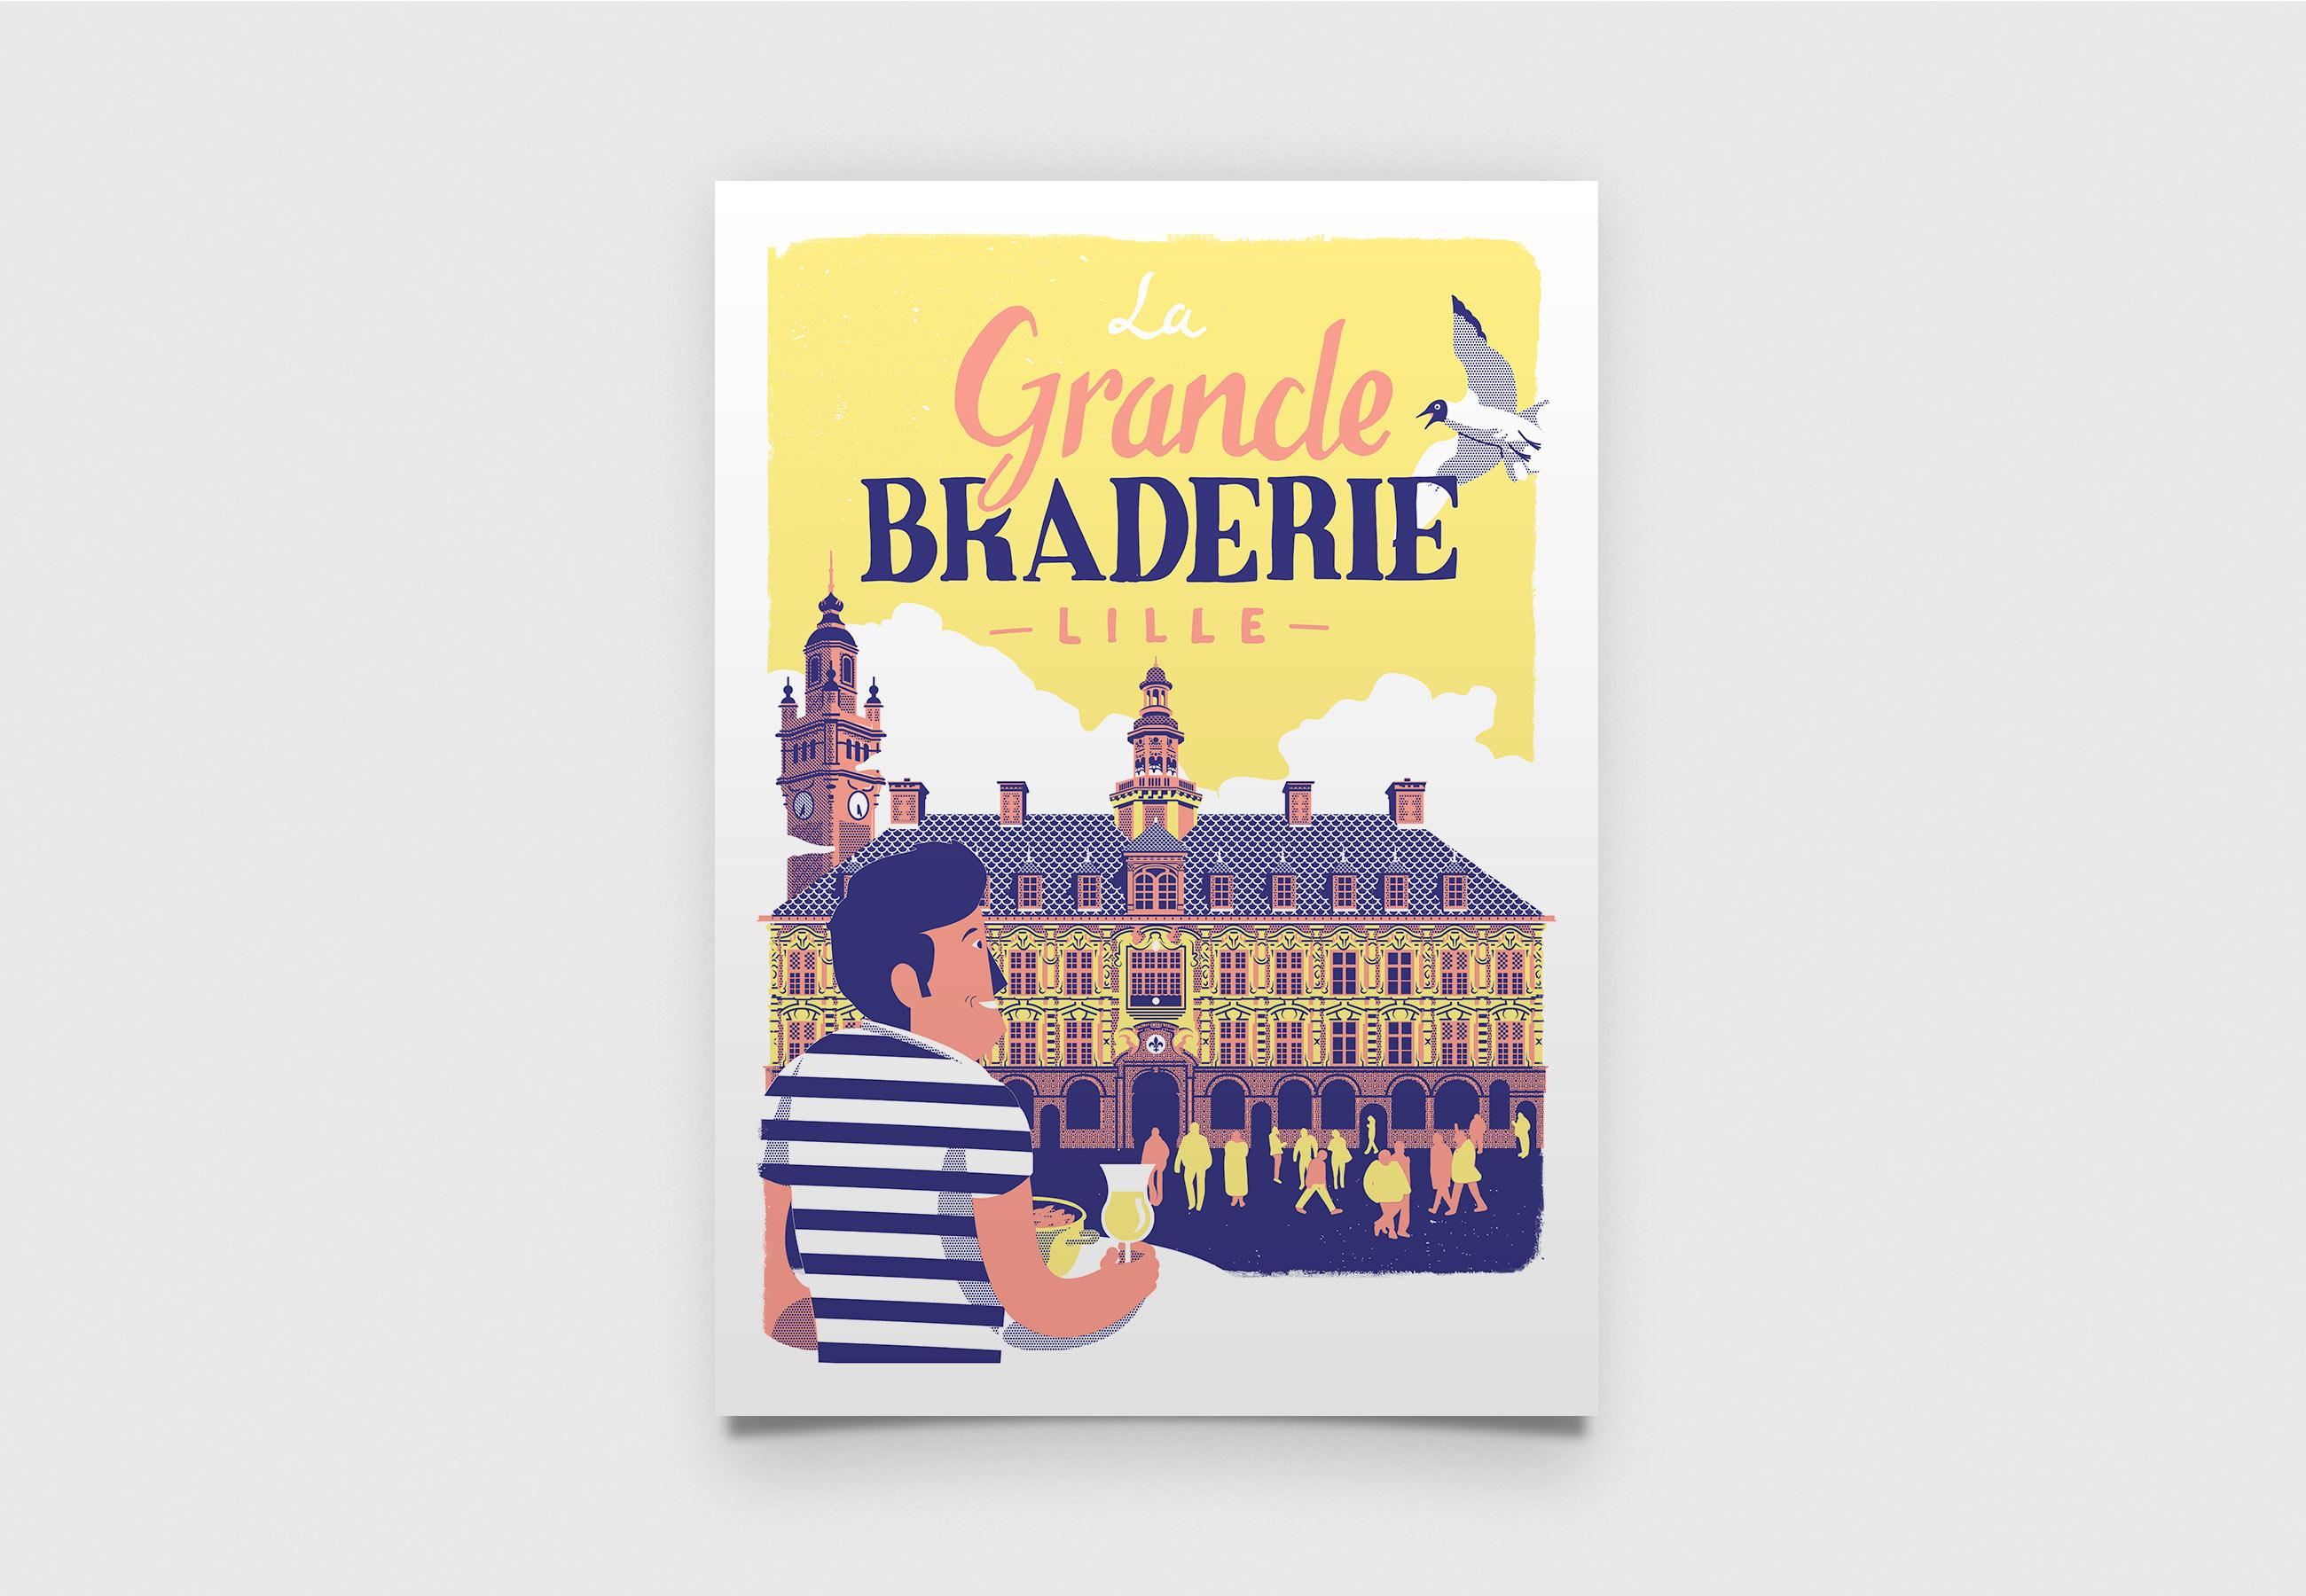 la_grande_braderie_lille_01_parallele_graphique